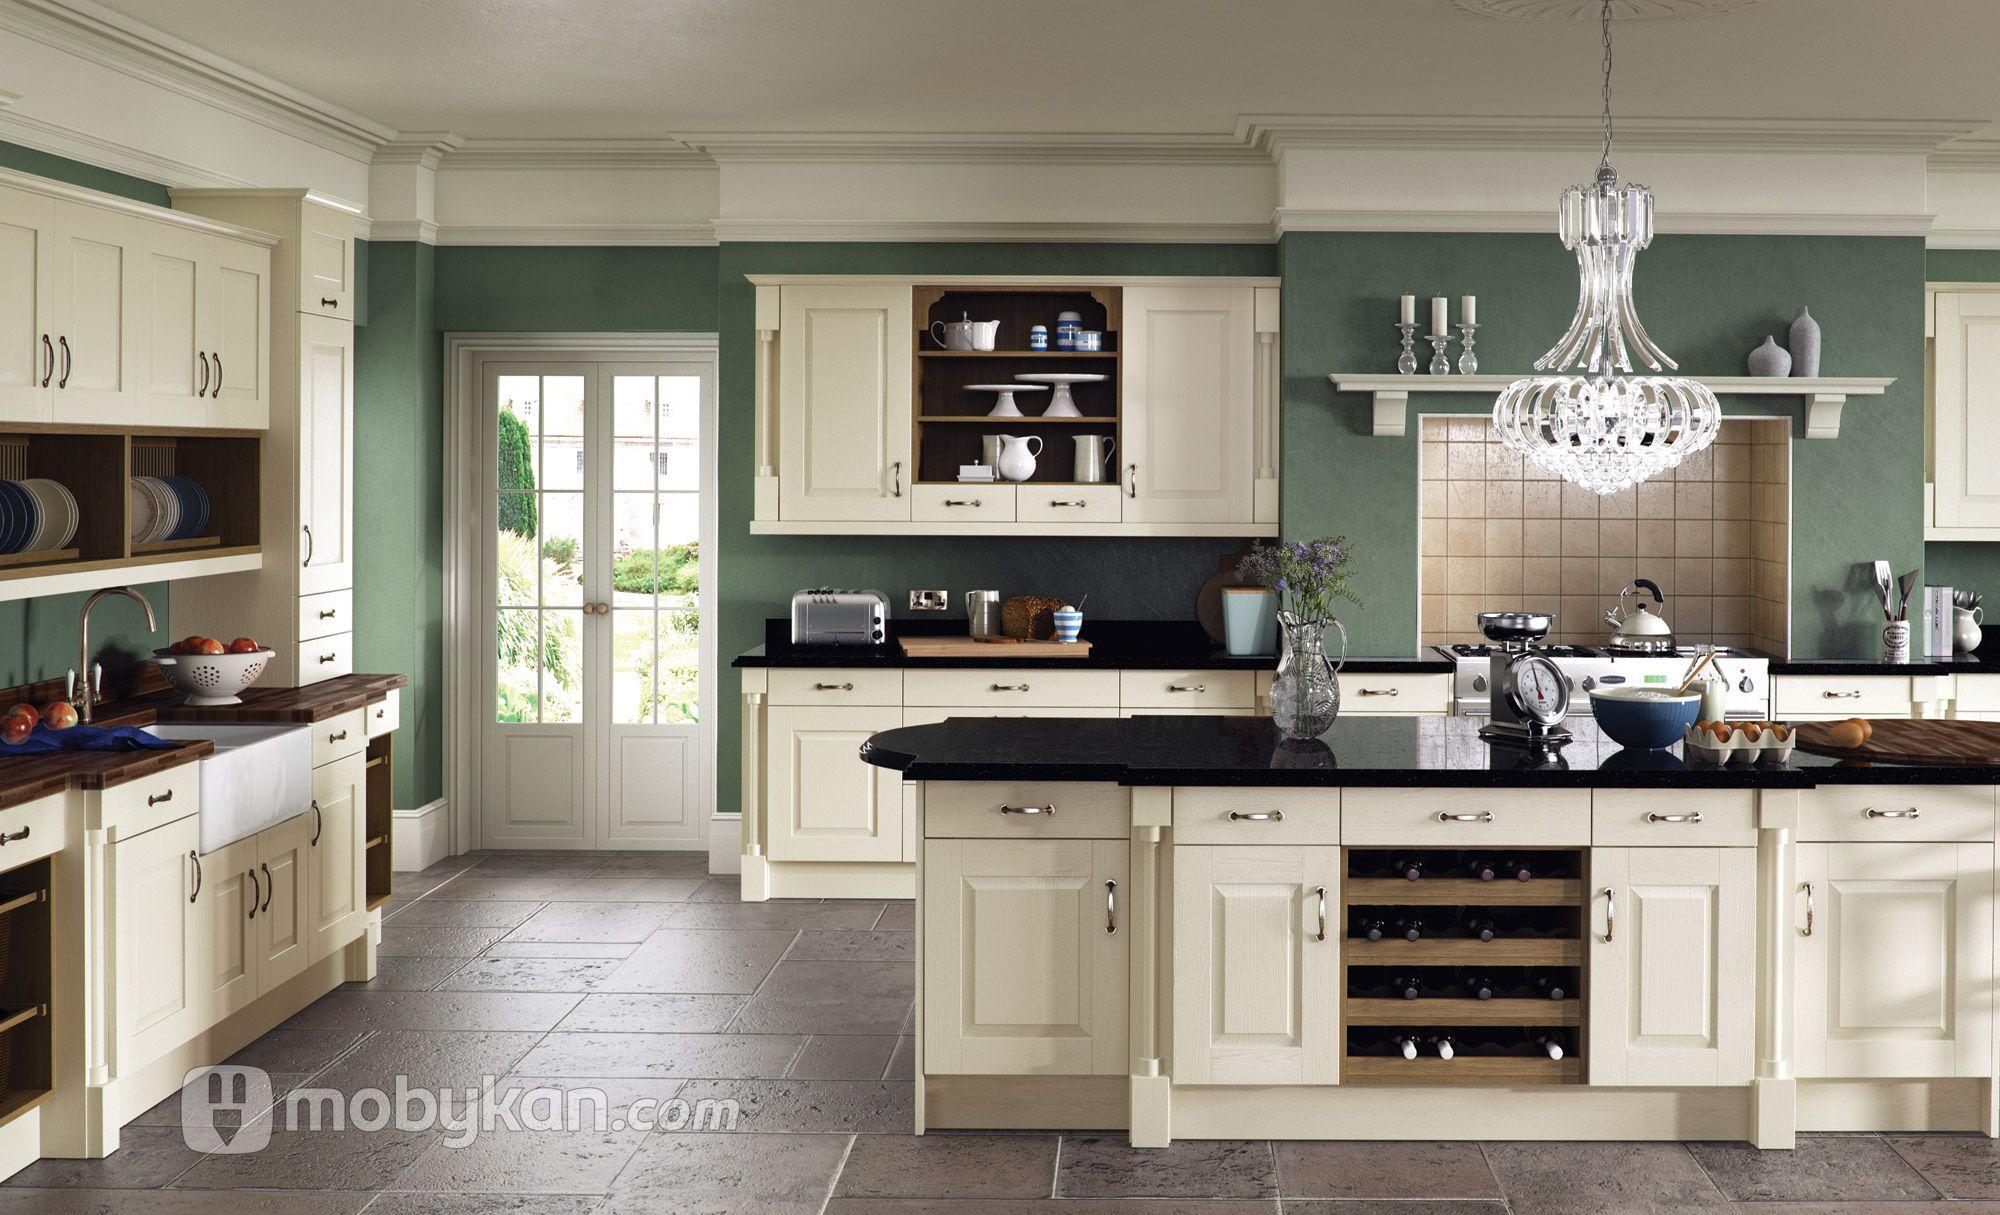 صور مطابخ واشكال مطابخ تتناسب مع كافة الأذواق من اختيار موبيكان Classic Kitchen Design Country Kitchen Designs Classic Kitchens